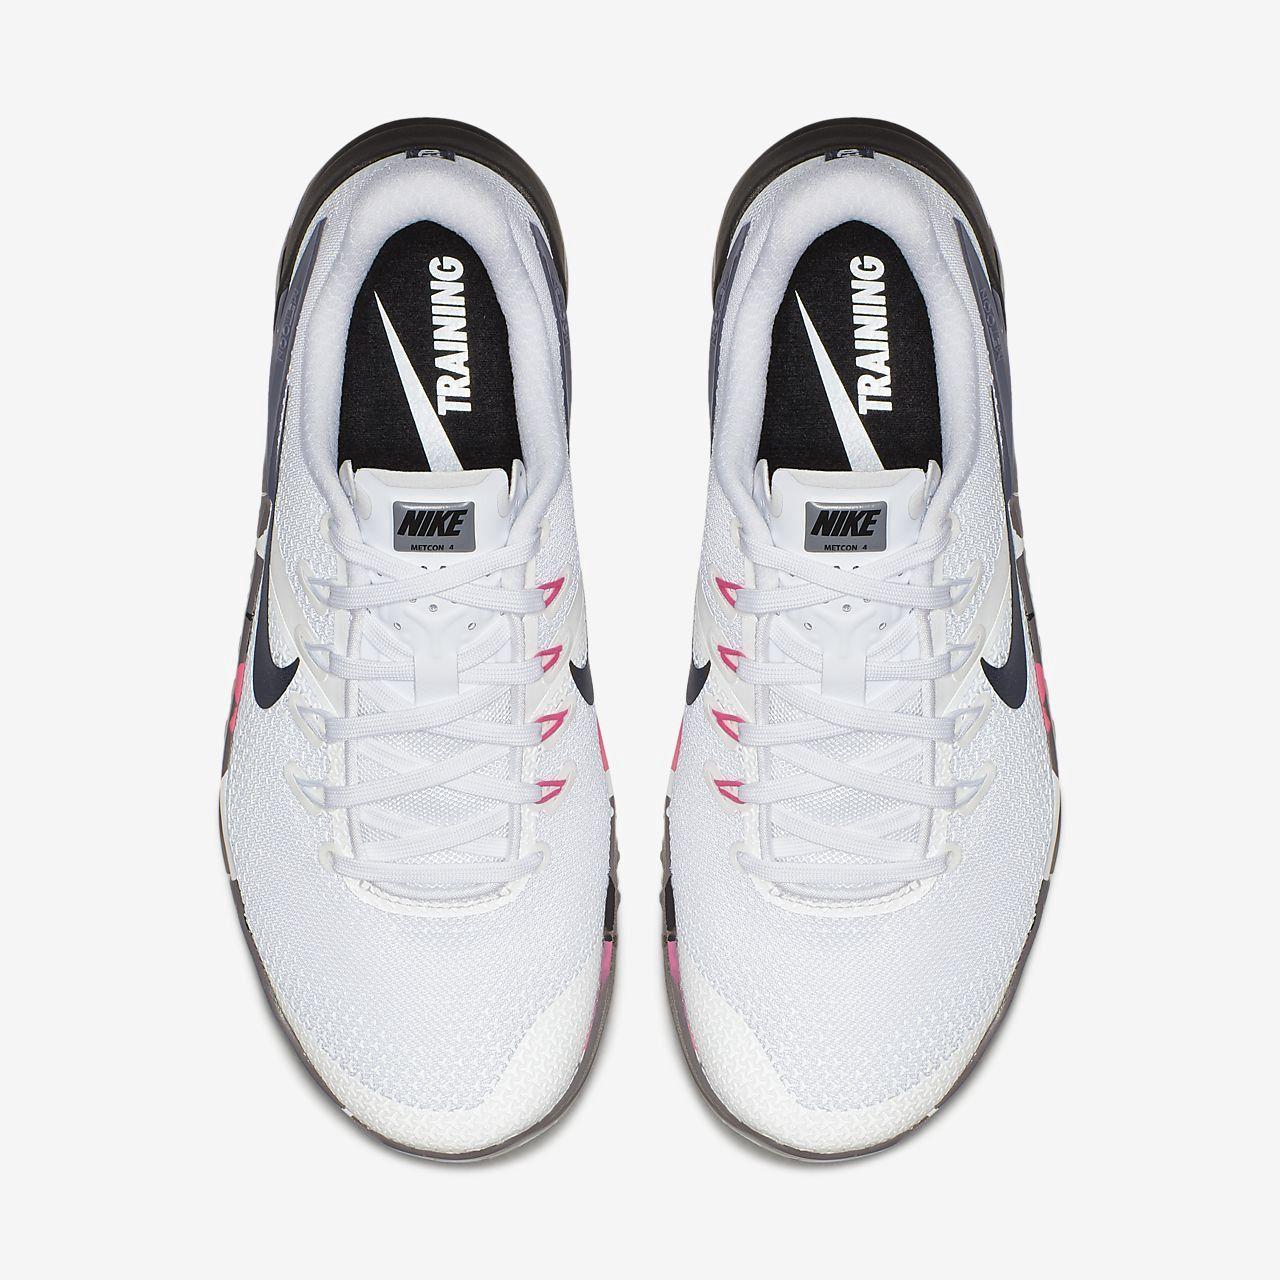 6aa3fa15c60bb2 Nike Metcon 4 Women s Cross Training Weightlifting Shoe by Nike ...